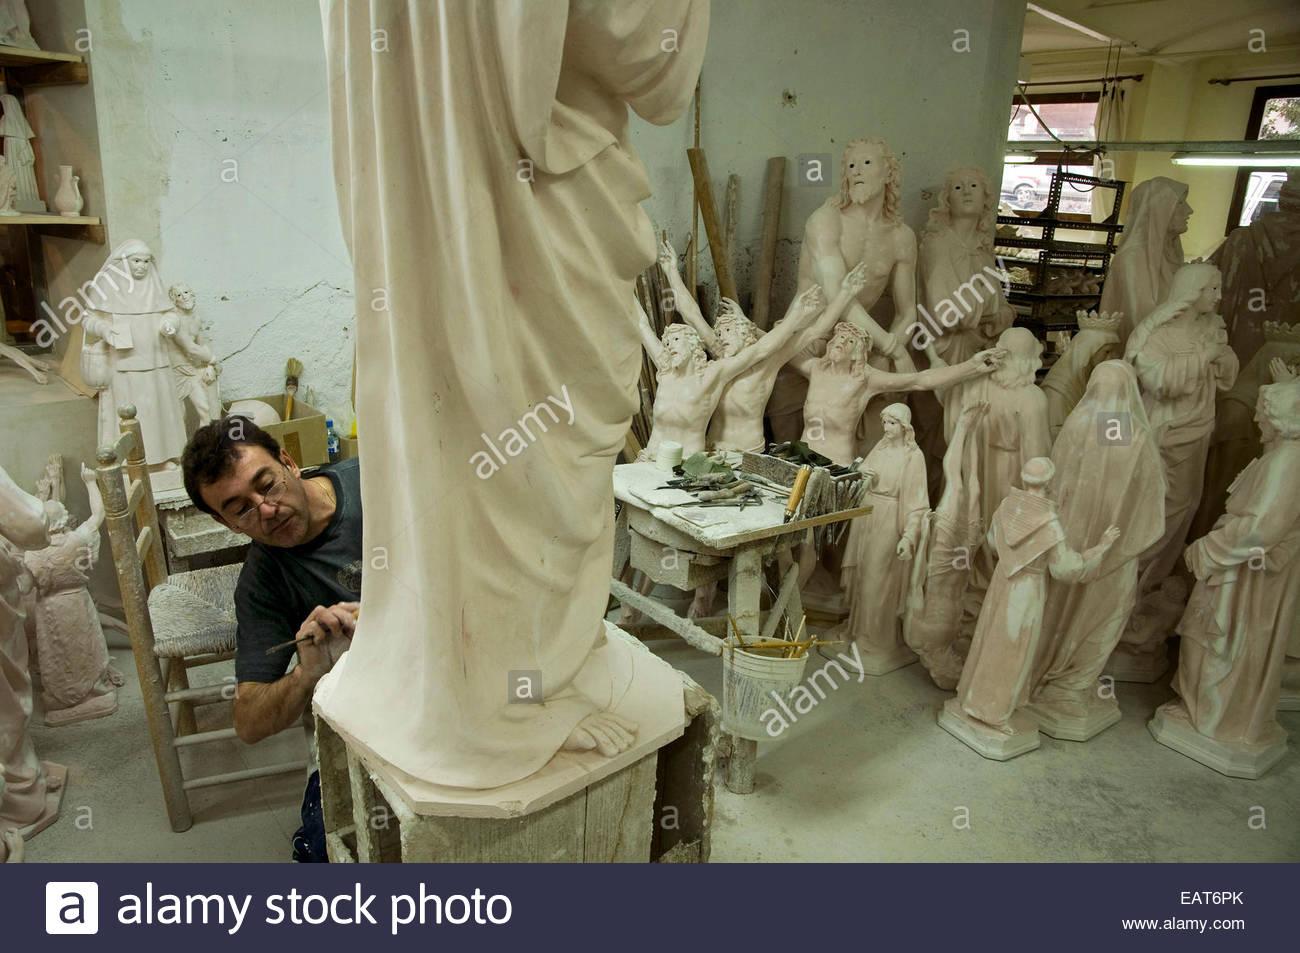 8bb987e4fd6 Un hombre la elaboración de estatuas religiosas en el arte Cristiano de  fábrica en Olot